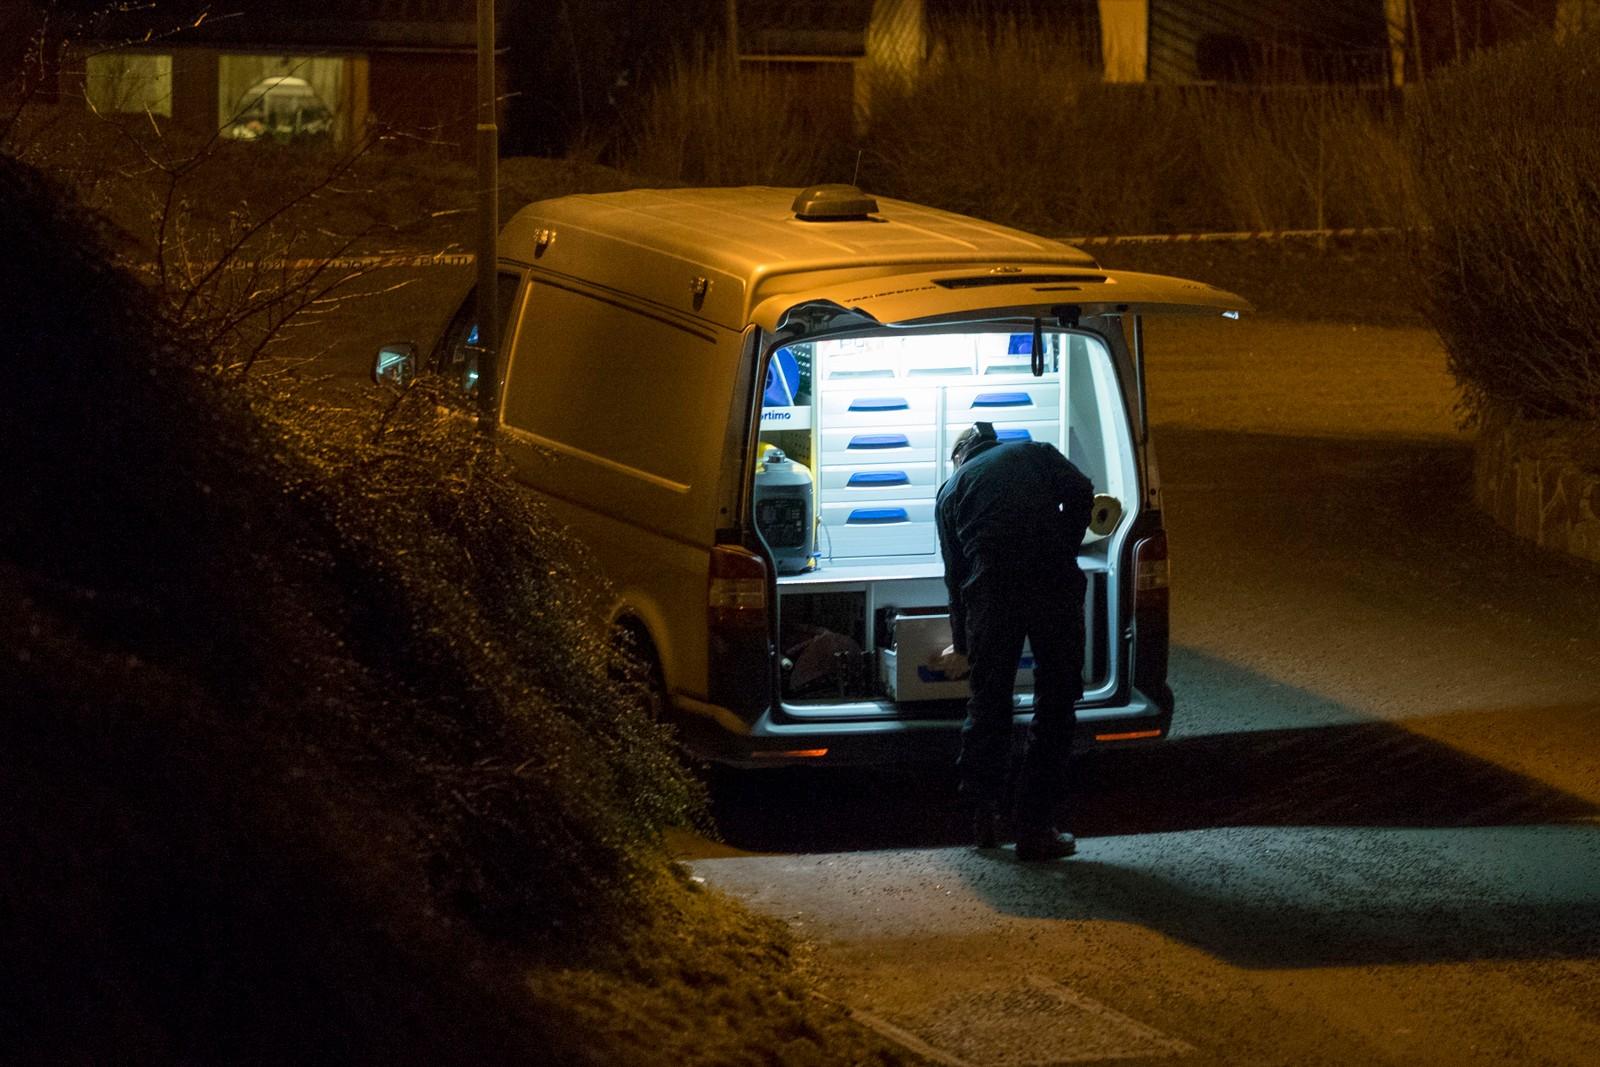 Politiets kriminalteknikere etterforsker et mistenkelig dødsfall i Kristiansand natt til lørdag.